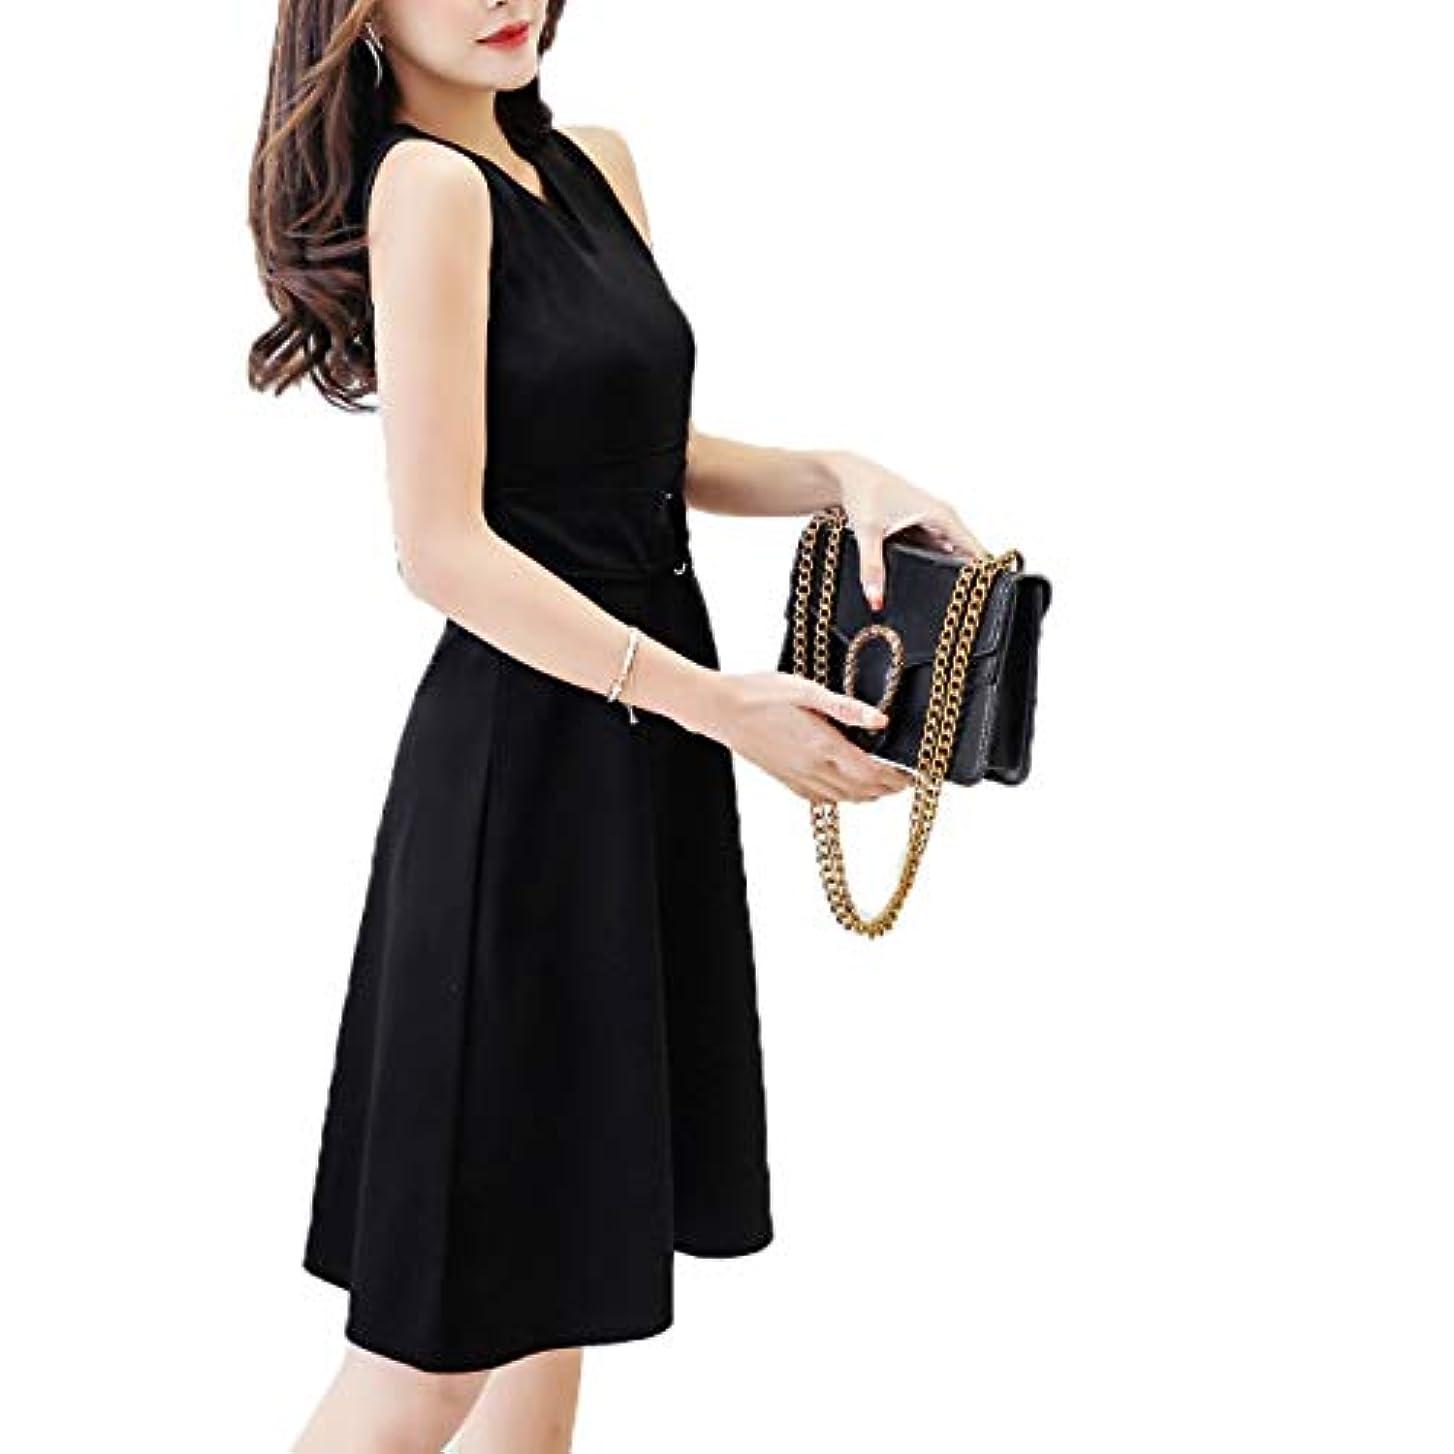 [ココチエ] ワンピース 黒 ノースリーブ おおきいサイズ おしゃれ 冠婚葬祭 ブラックフォーマル パーティ ドレス